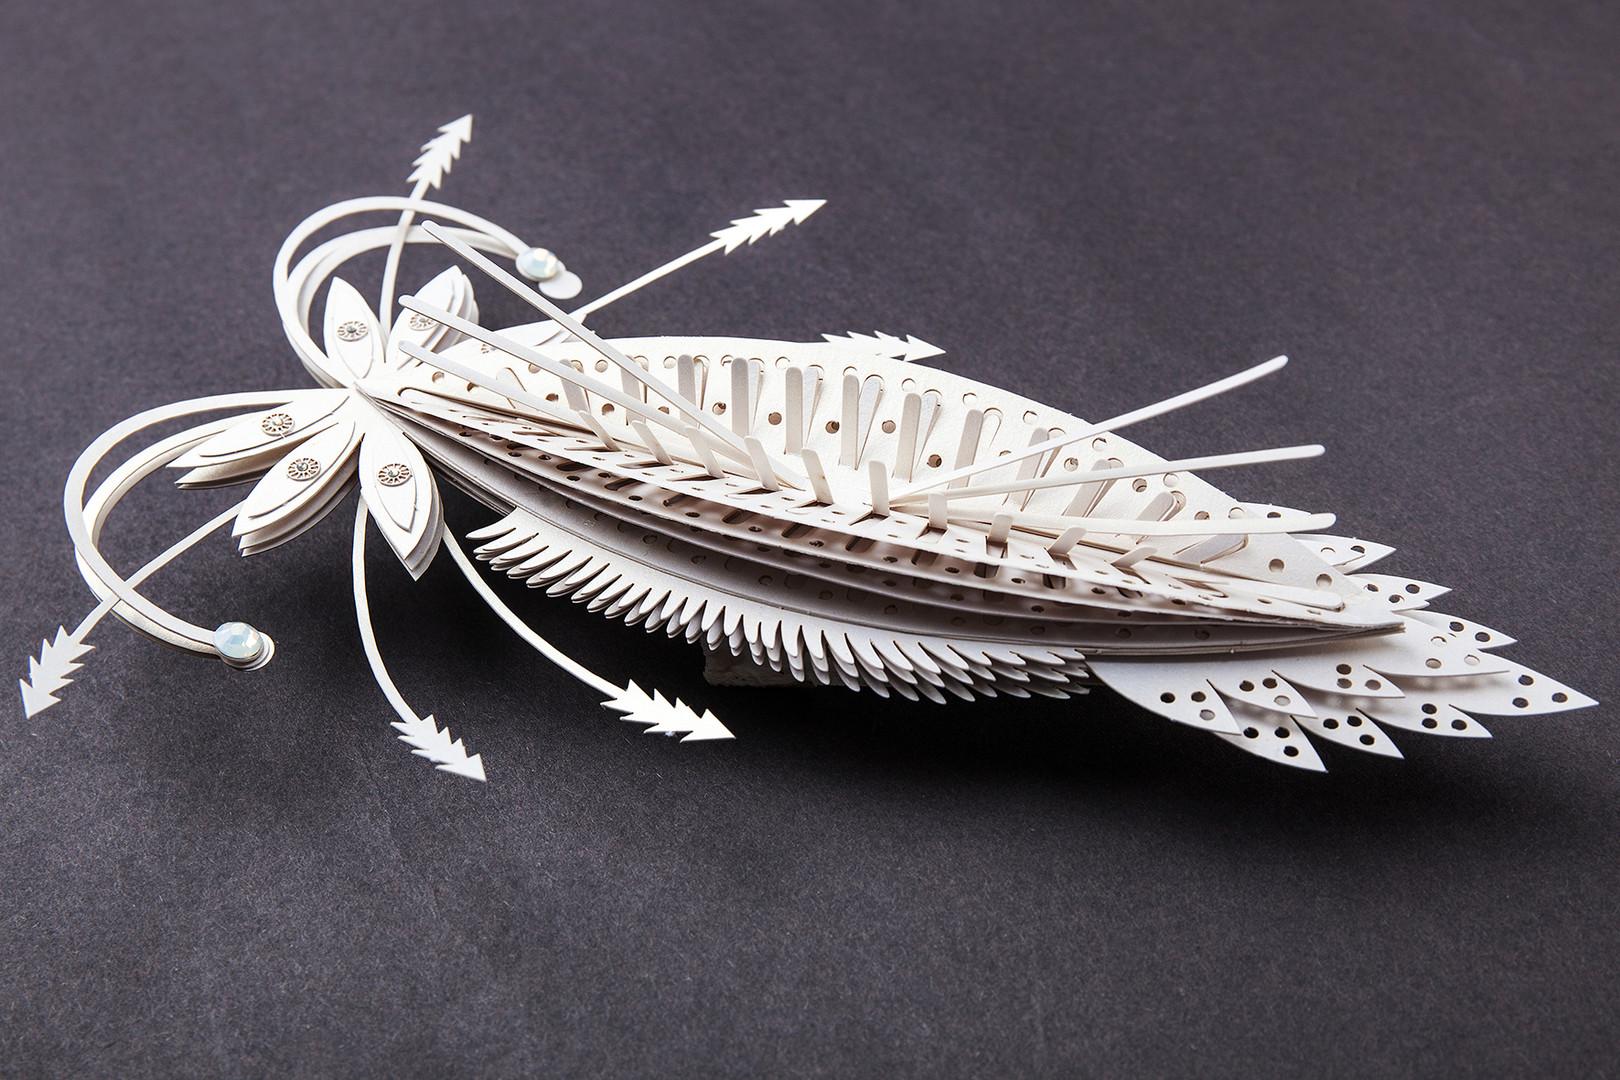 תערוכת יצורי נייר | מוזיאון יפו